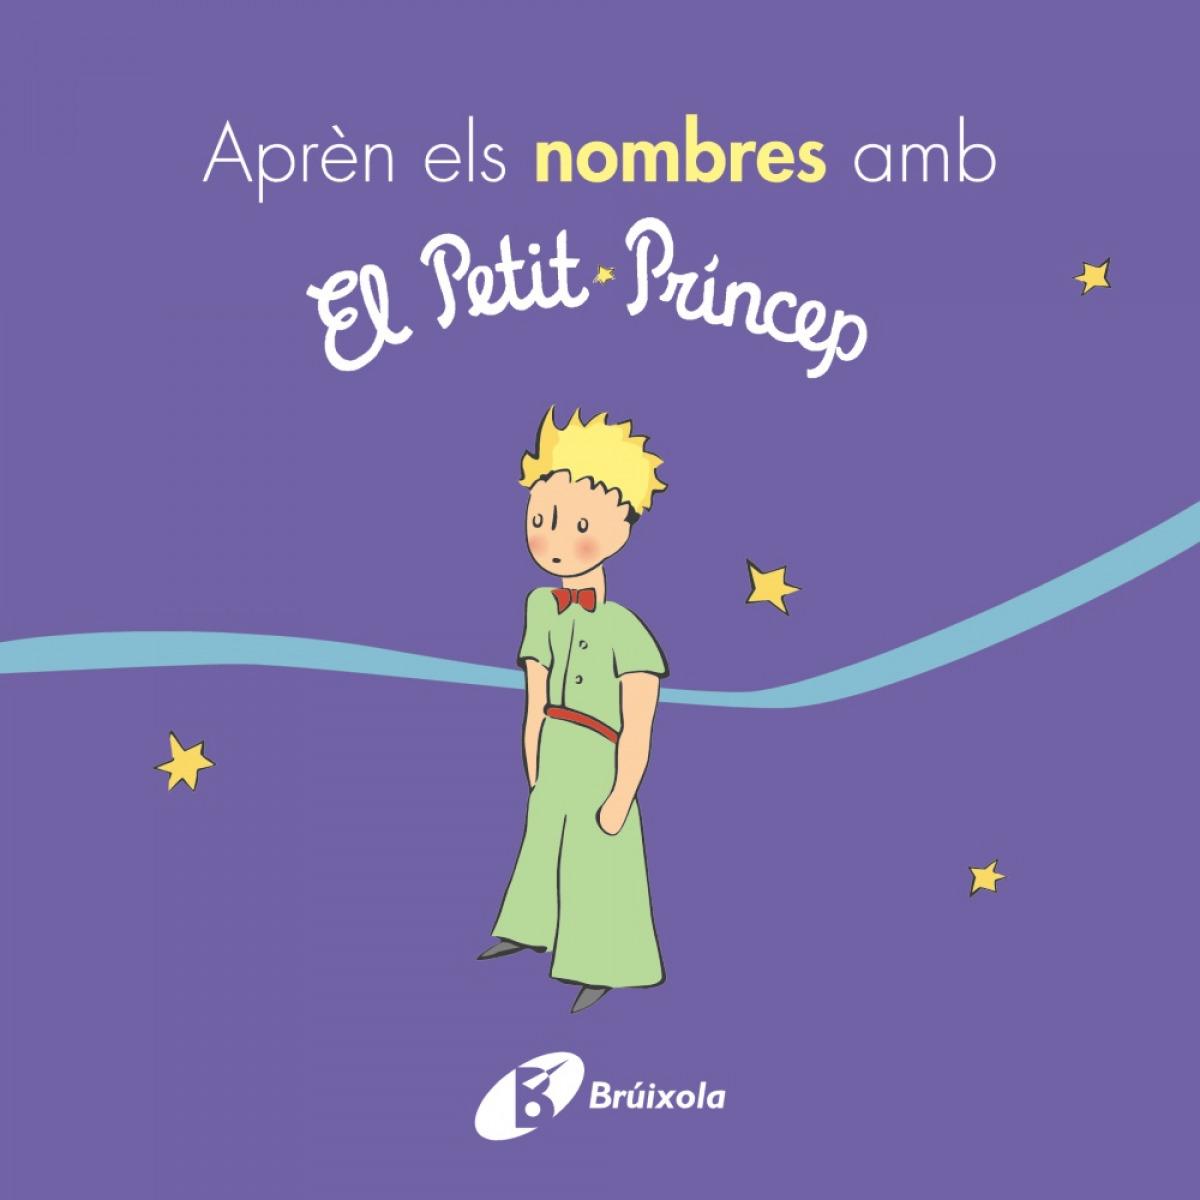 APREN ELS NOMBRES AMB EL PETIT PRINCEP